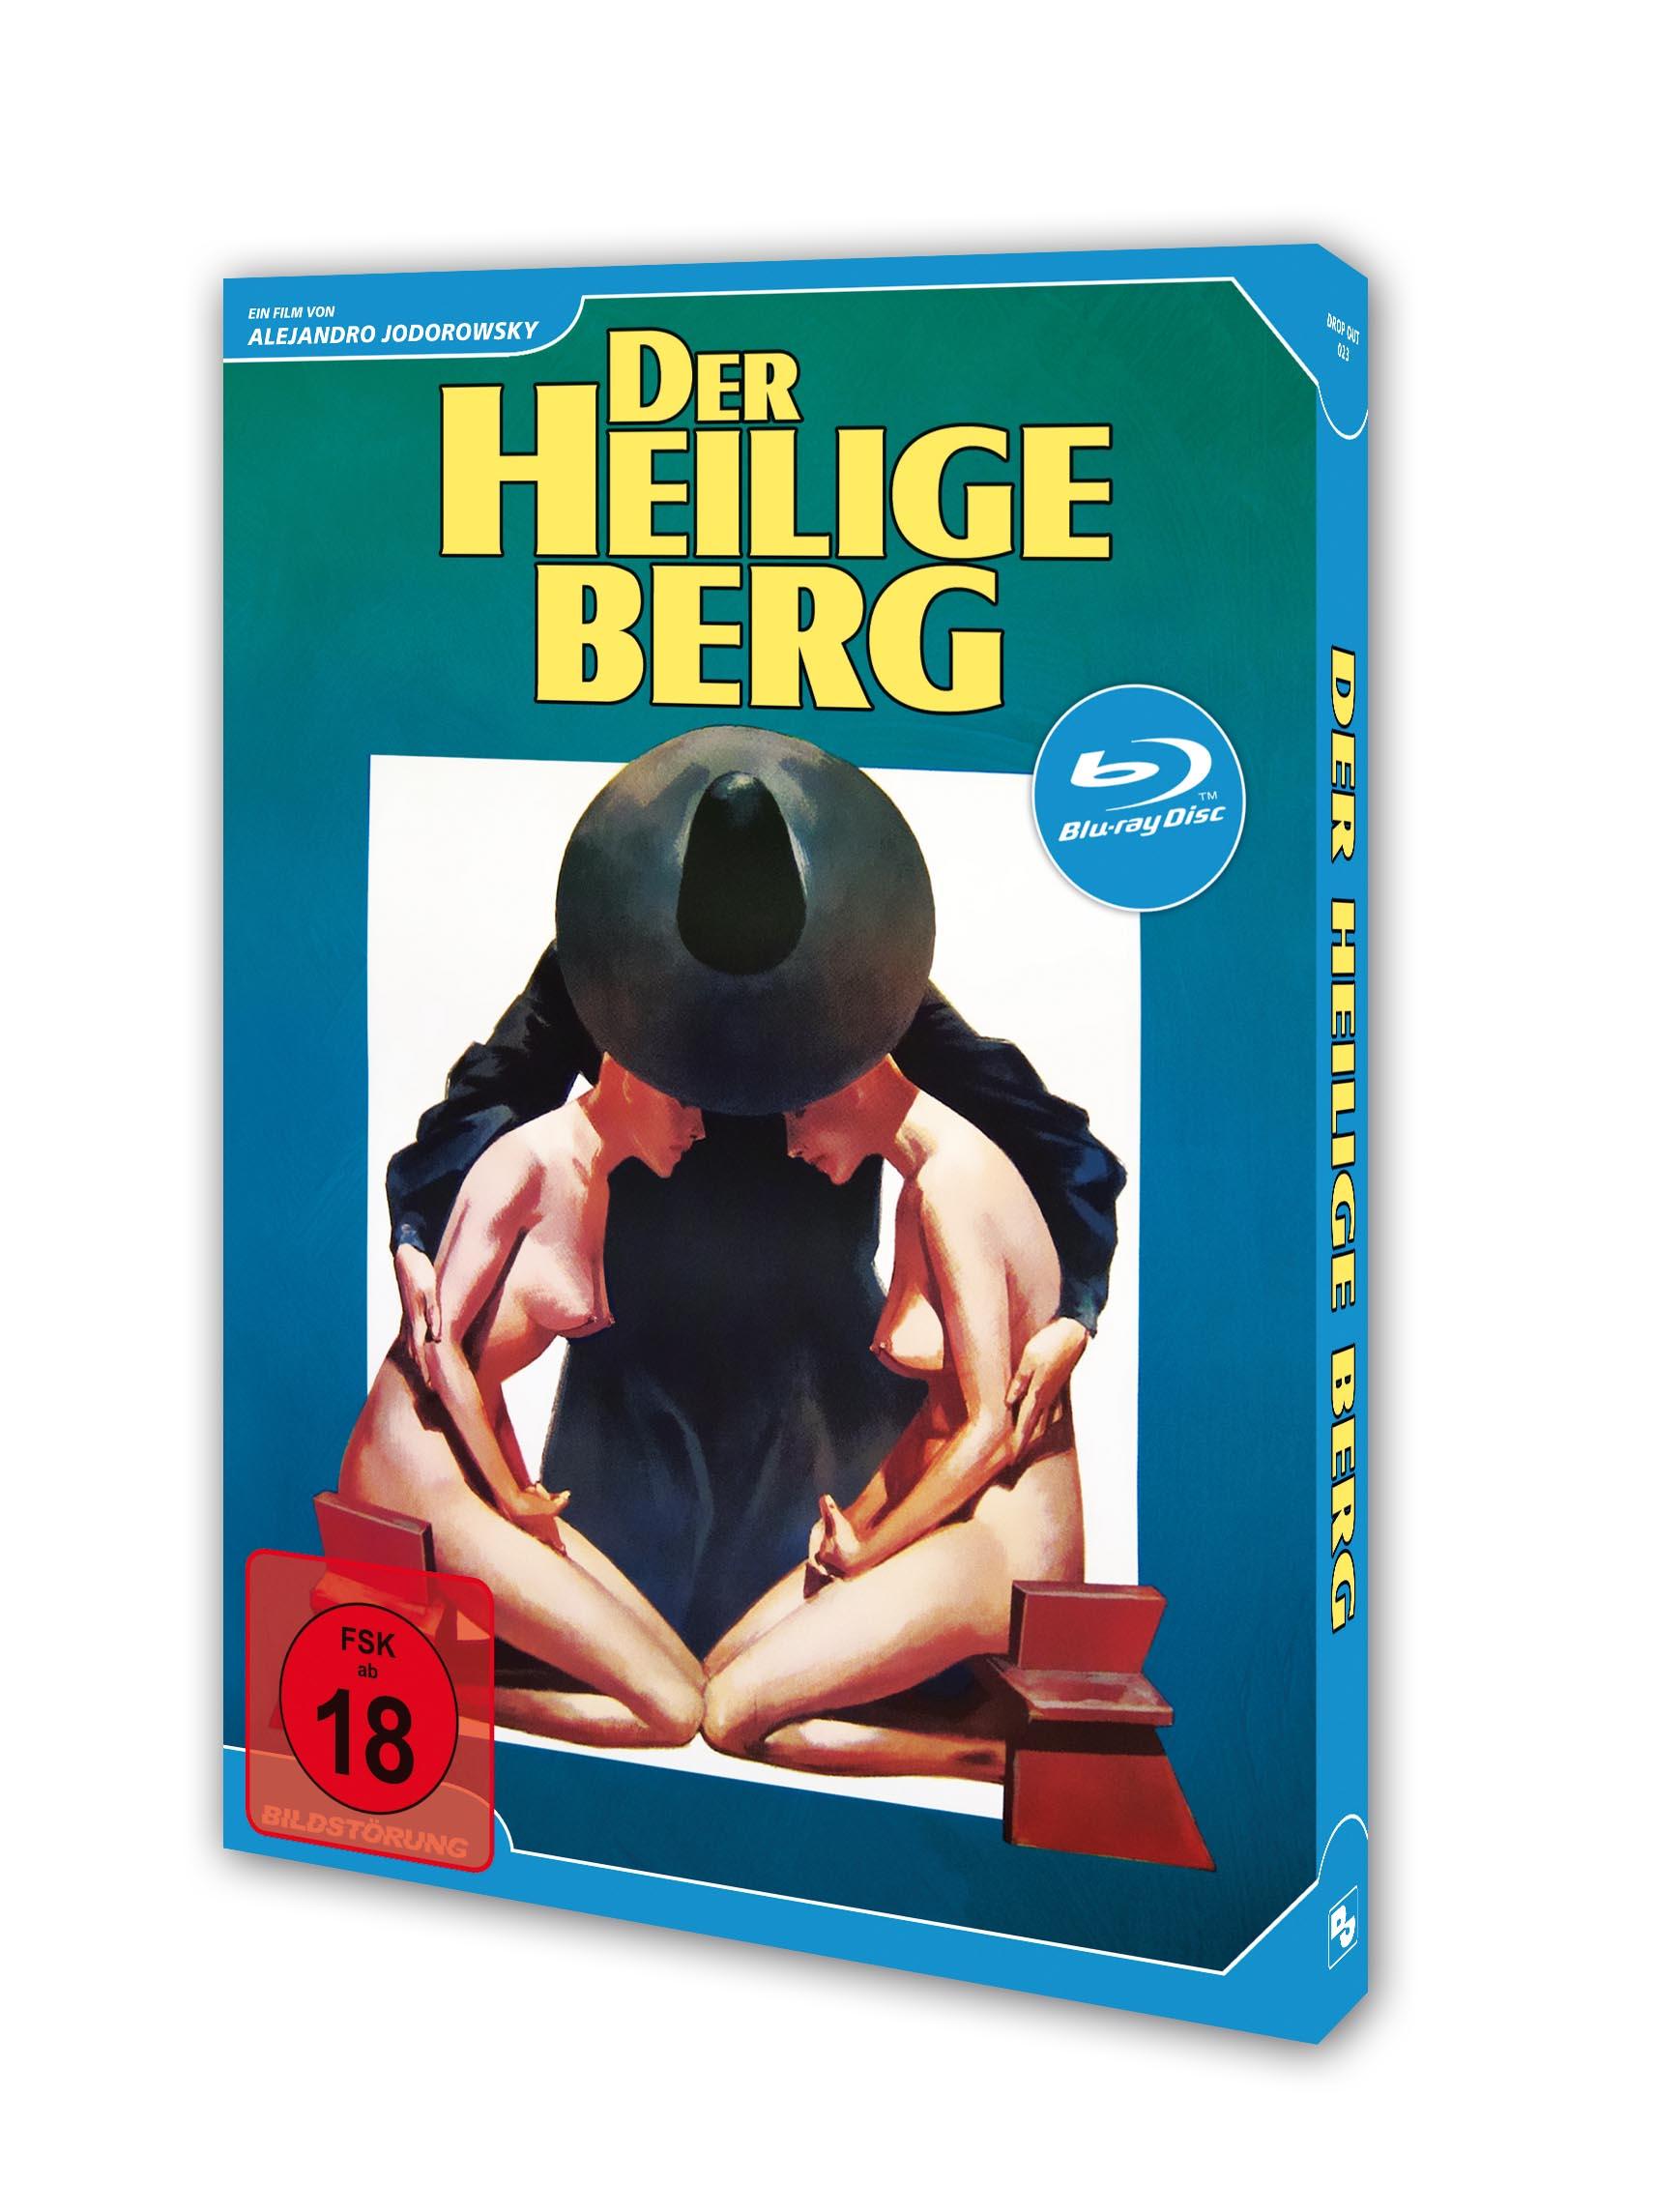 DER HEILIGE BERG Blu-ray Packshot